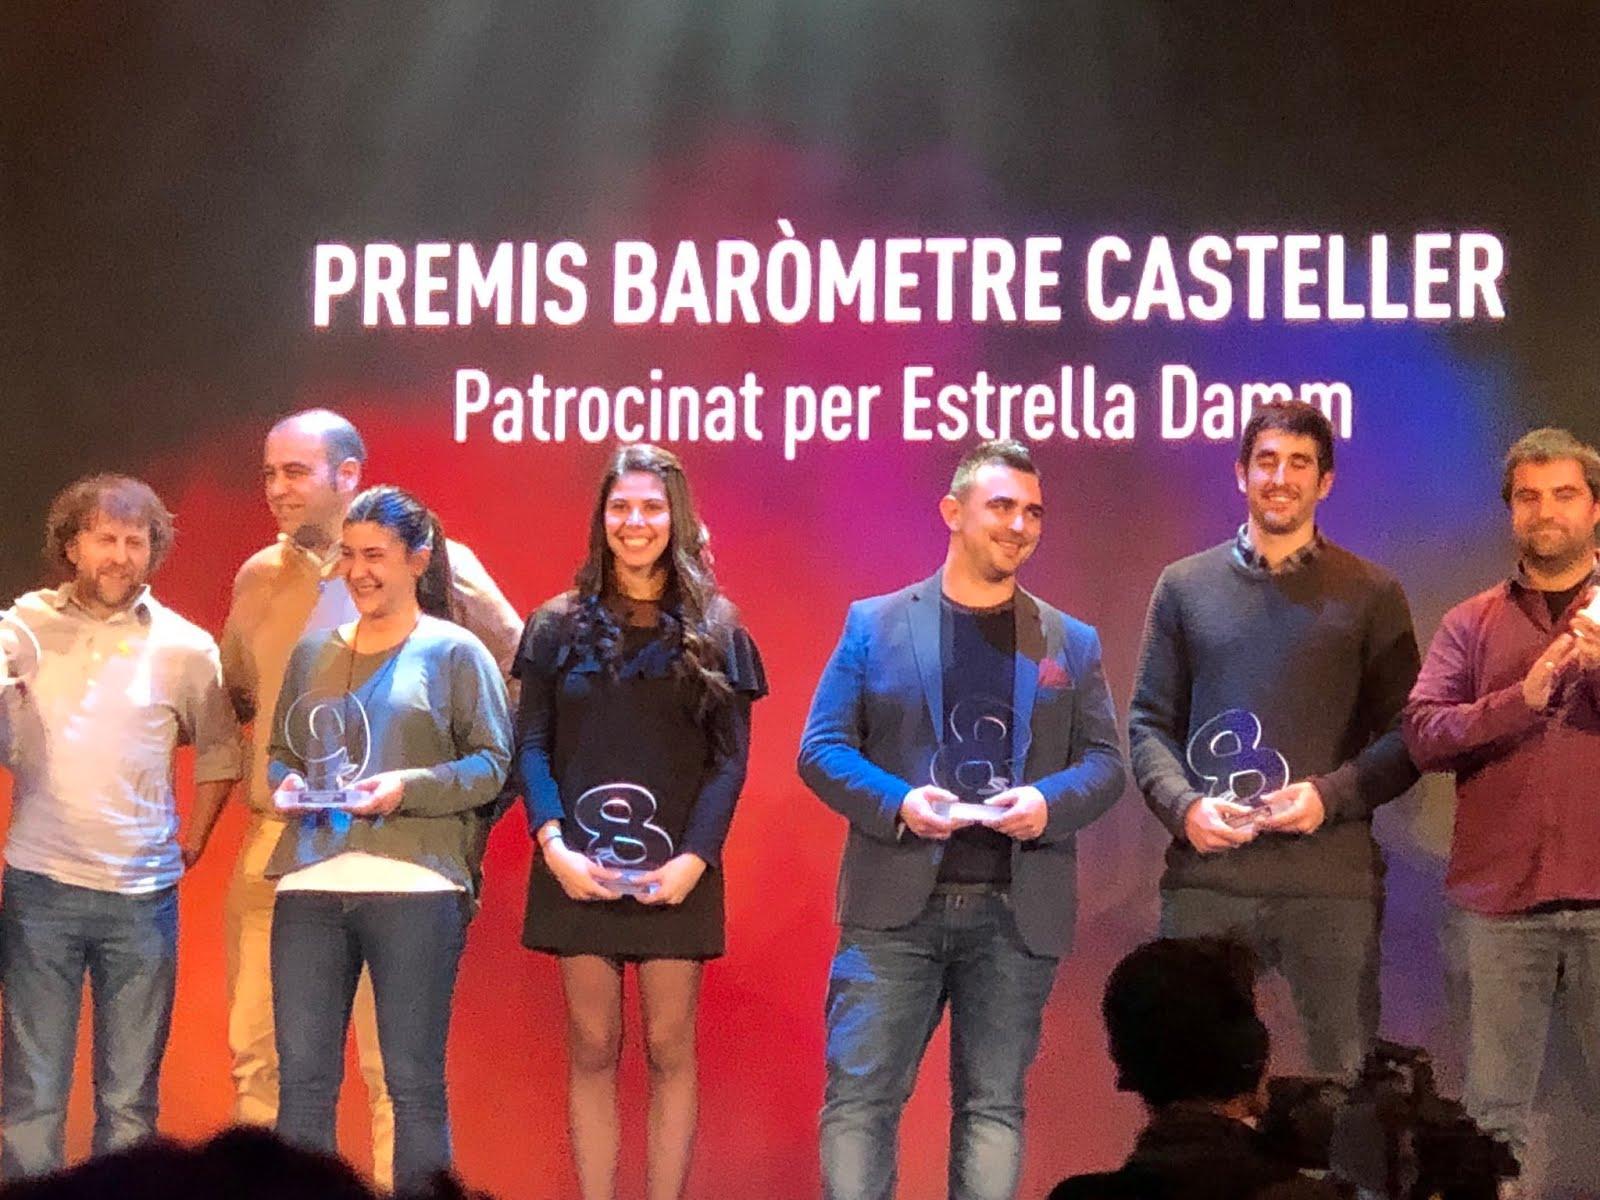 6 colles premiades a la #NitDeCastells18 amb el Premi Baròmetre